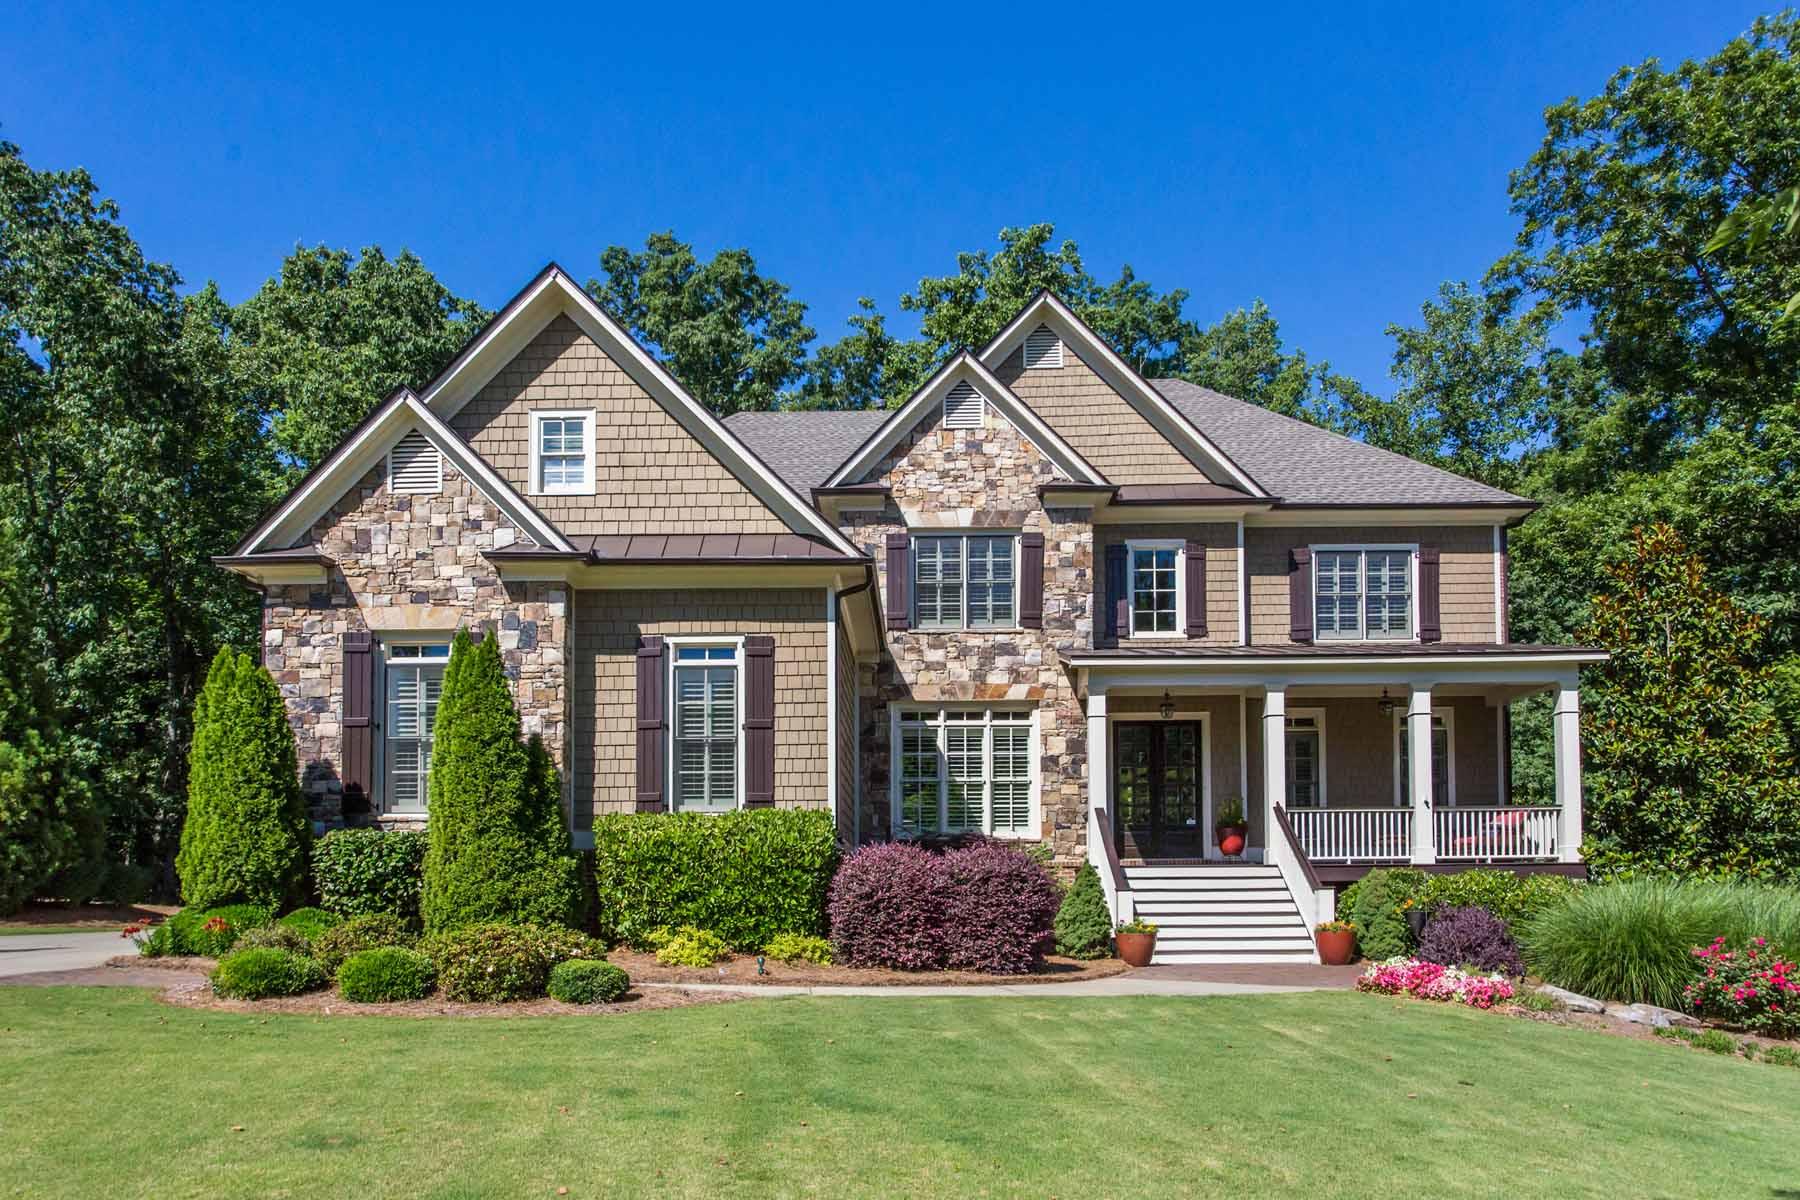 Maison unifamiliale pour l Vente à Stunning Executive Home 14644 Timber Point Alpharetta, Georgia, 30004 États-Unis